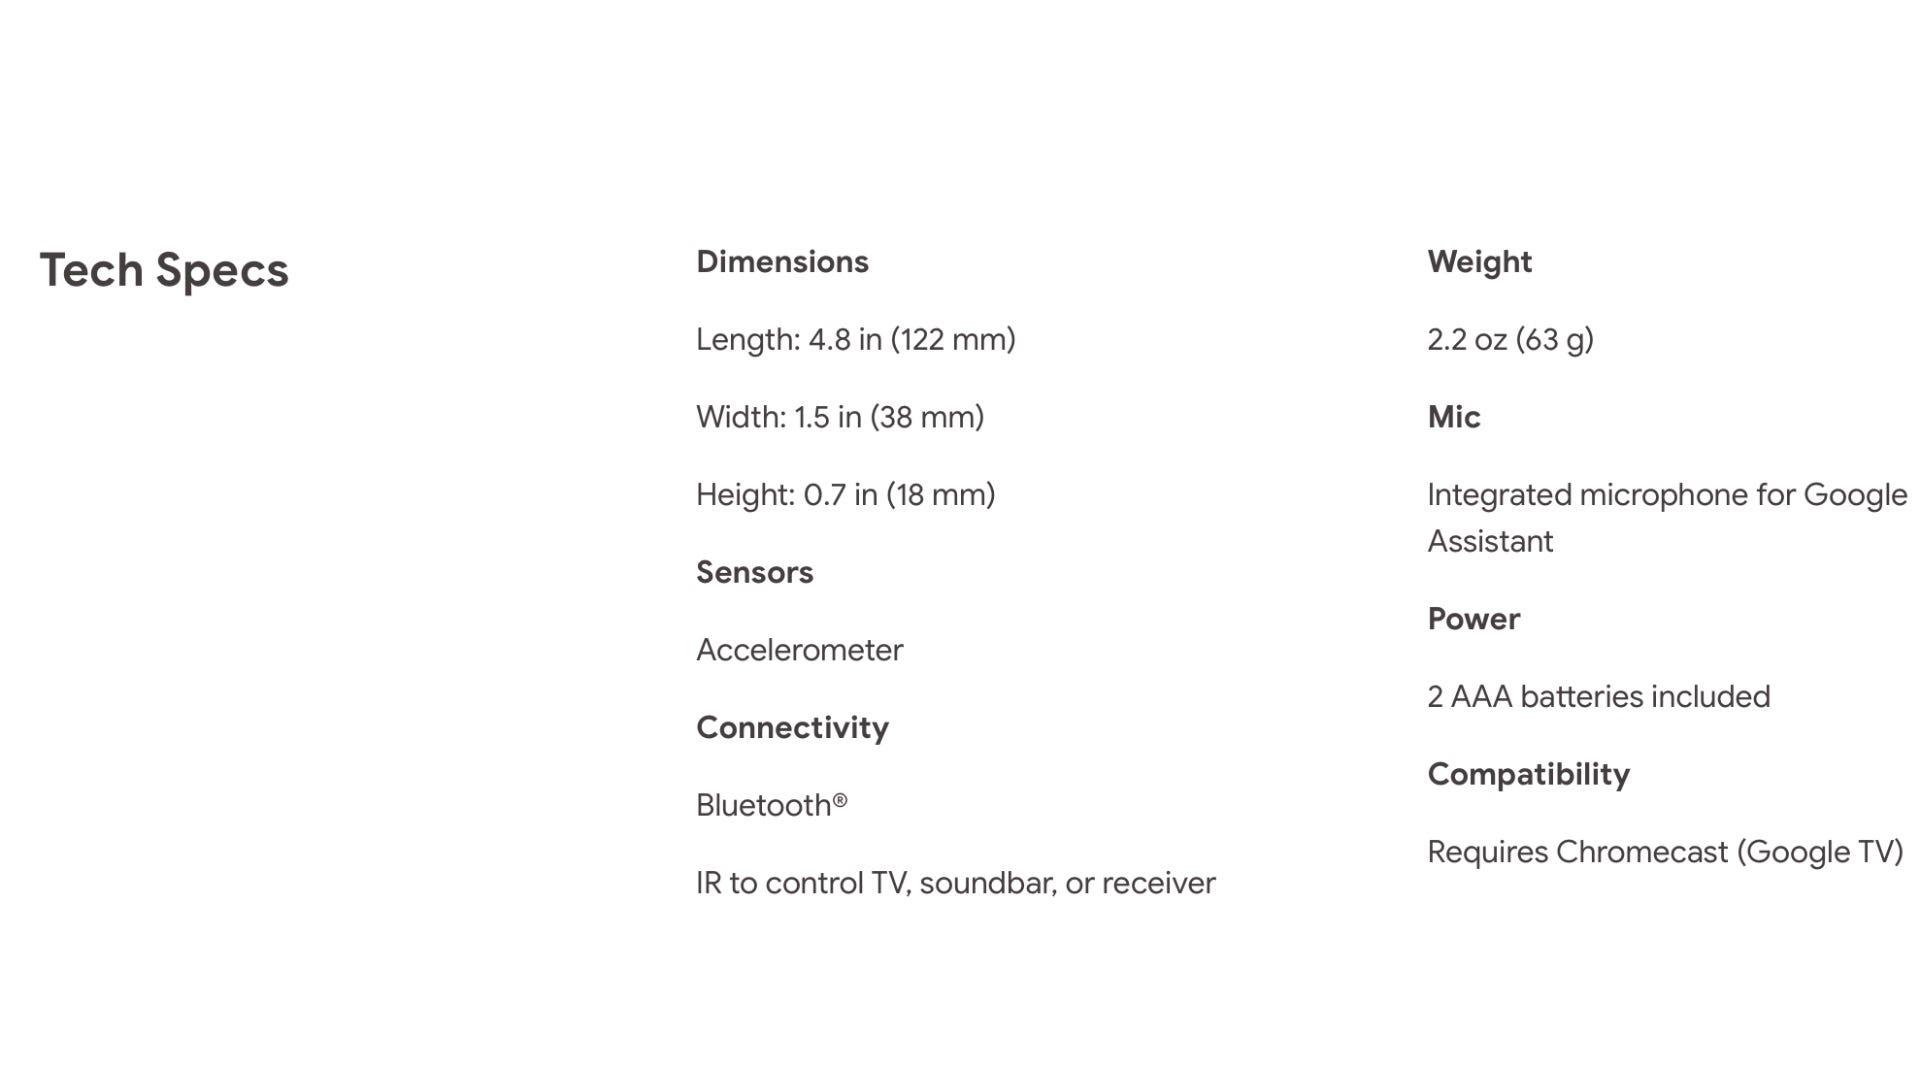 Spec sheet for the Chromecast remote